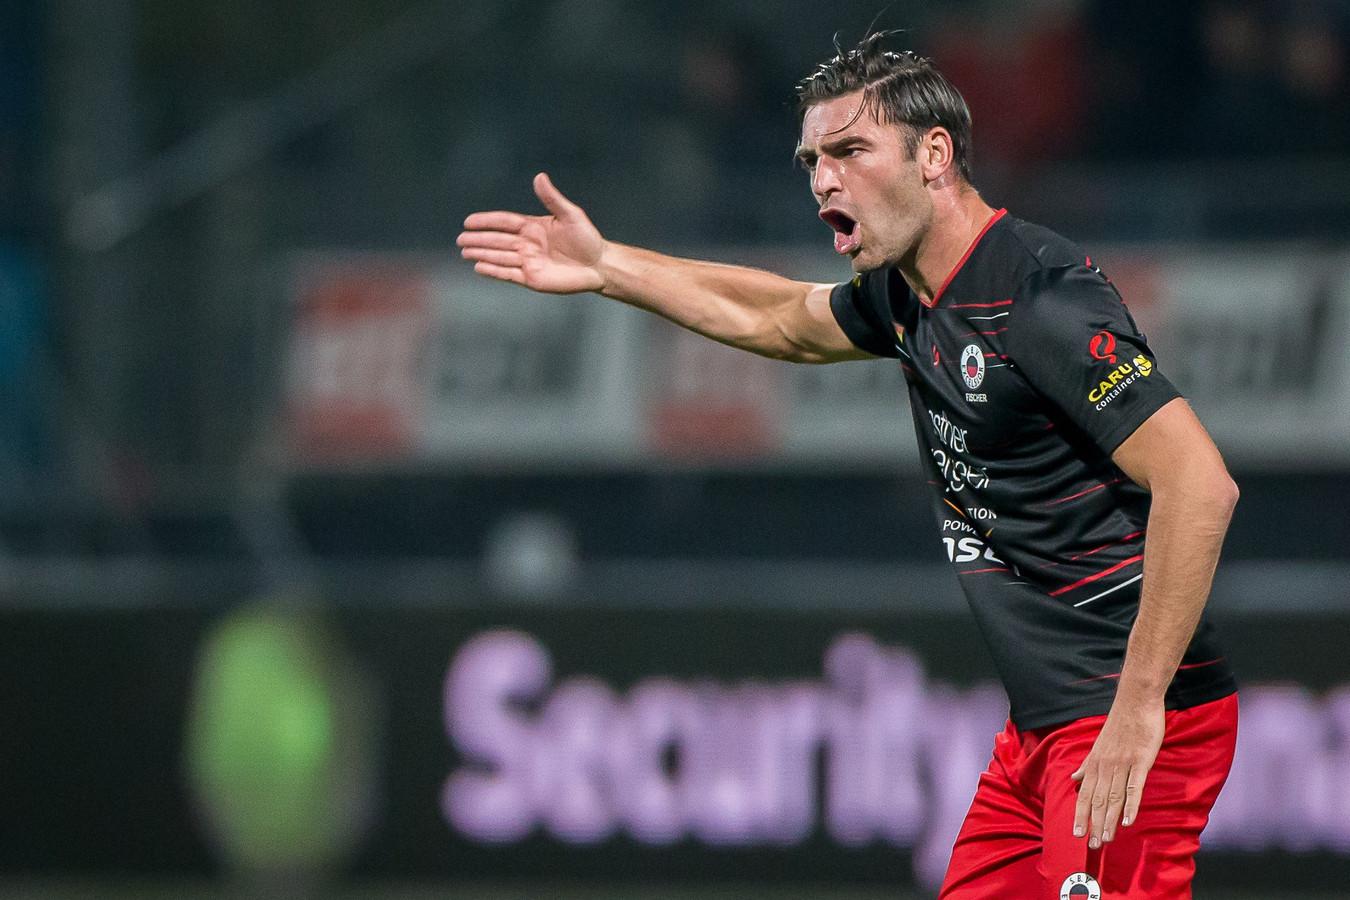 Sander Fischer afgelopen seizoen in een coachende rol, en in de basis.